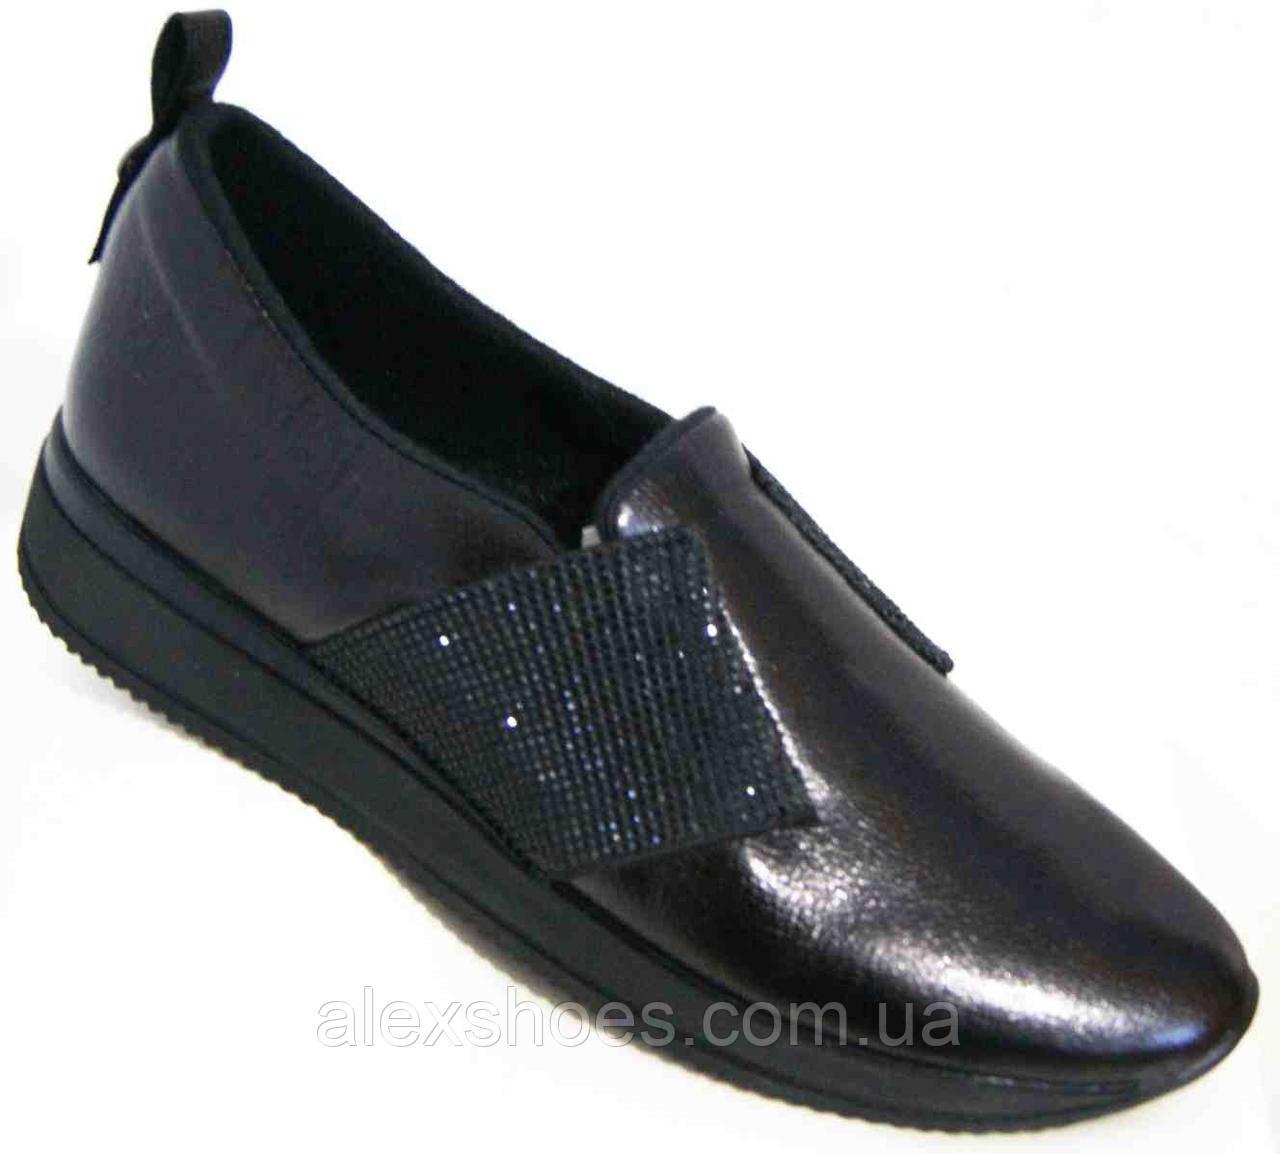 Туфли женские большого размера из натуральной кожи от производителя модель В5236-4К